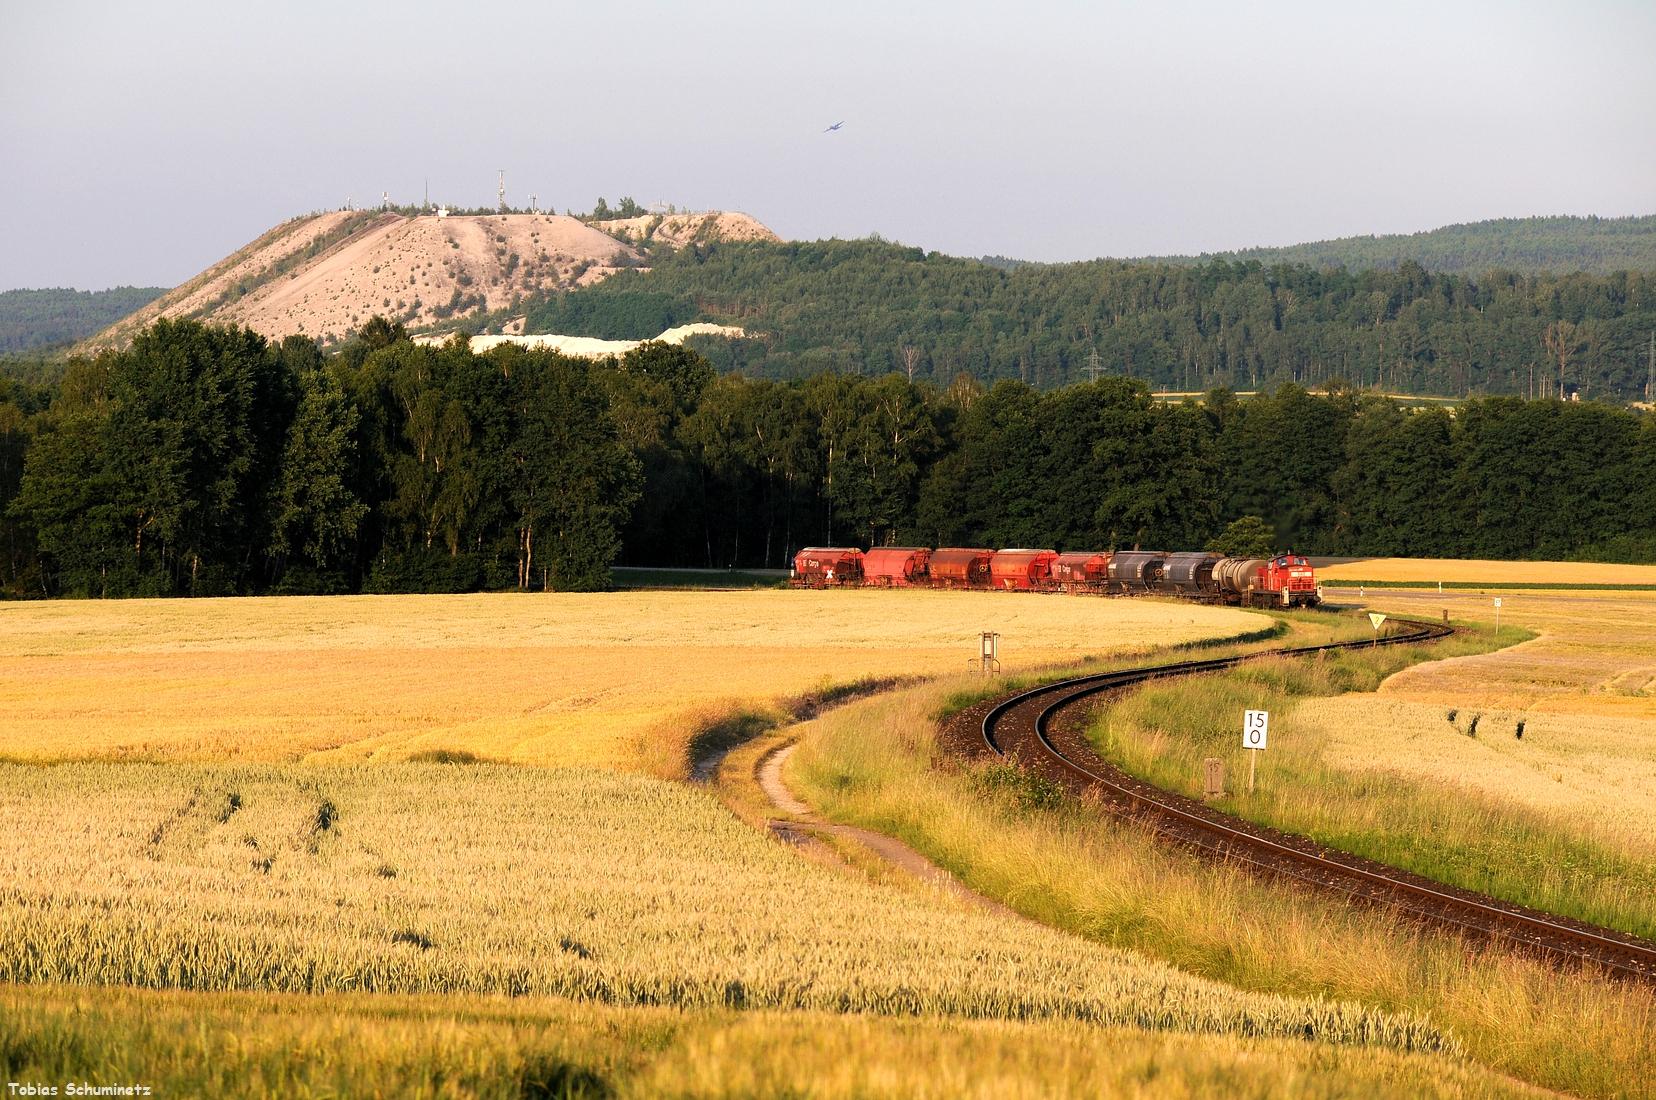 Ein erstes Streckenbild machten wir am vom letzten Jahr bekannten Monteblick. Doch war dies dieses Jahr ein Pflichtmotiv, denn wahrscheinlich wird der Bauaer im nächsten Jahr Strom statt Getreide anbauen.